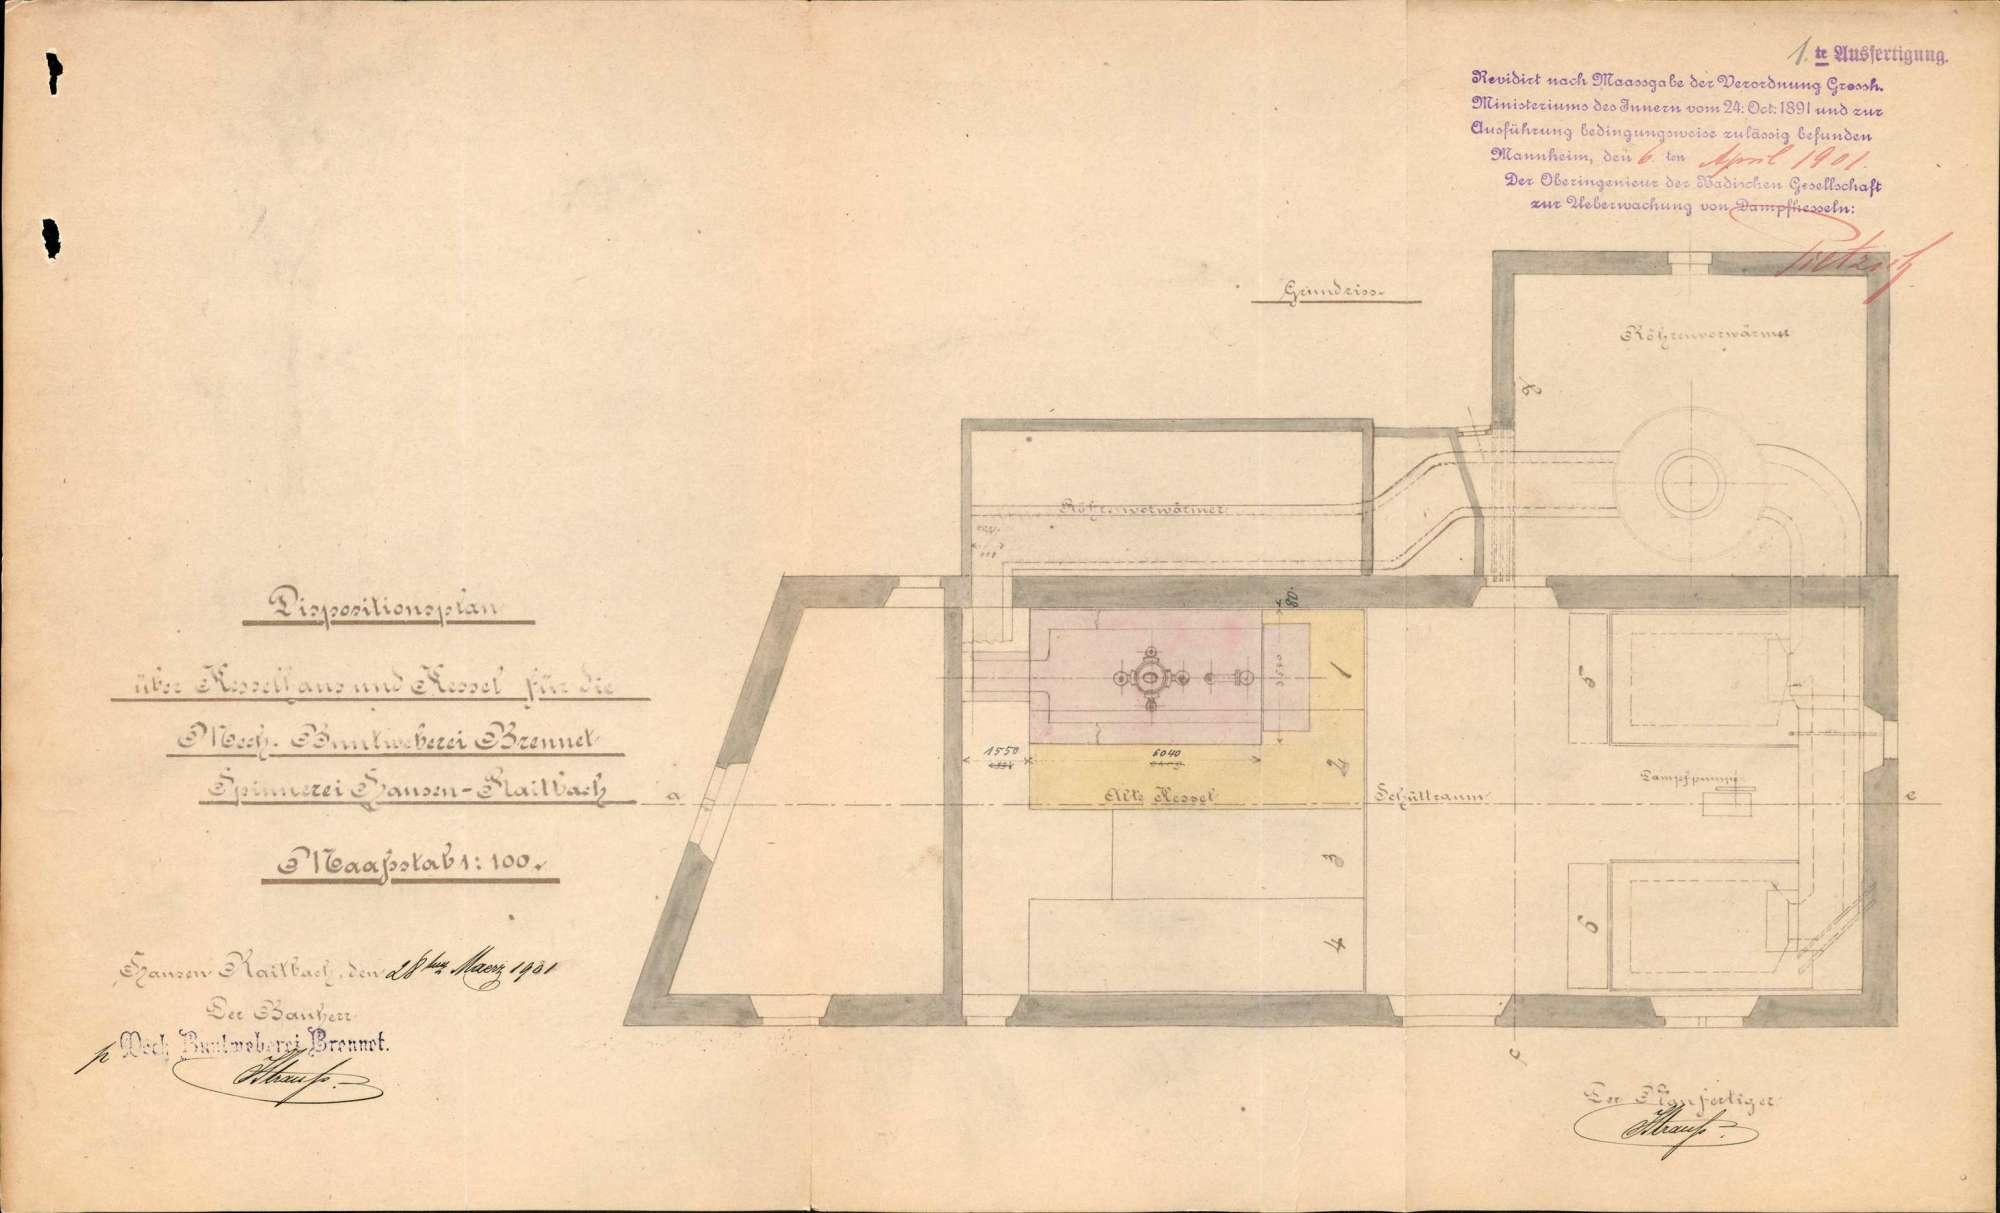 Gesuche der Mechanischen Buntweberei Brennet in Hausen um Erlaubnis zur Anlegung bzw. Veränderung eines Dampfkessels, Bild 1